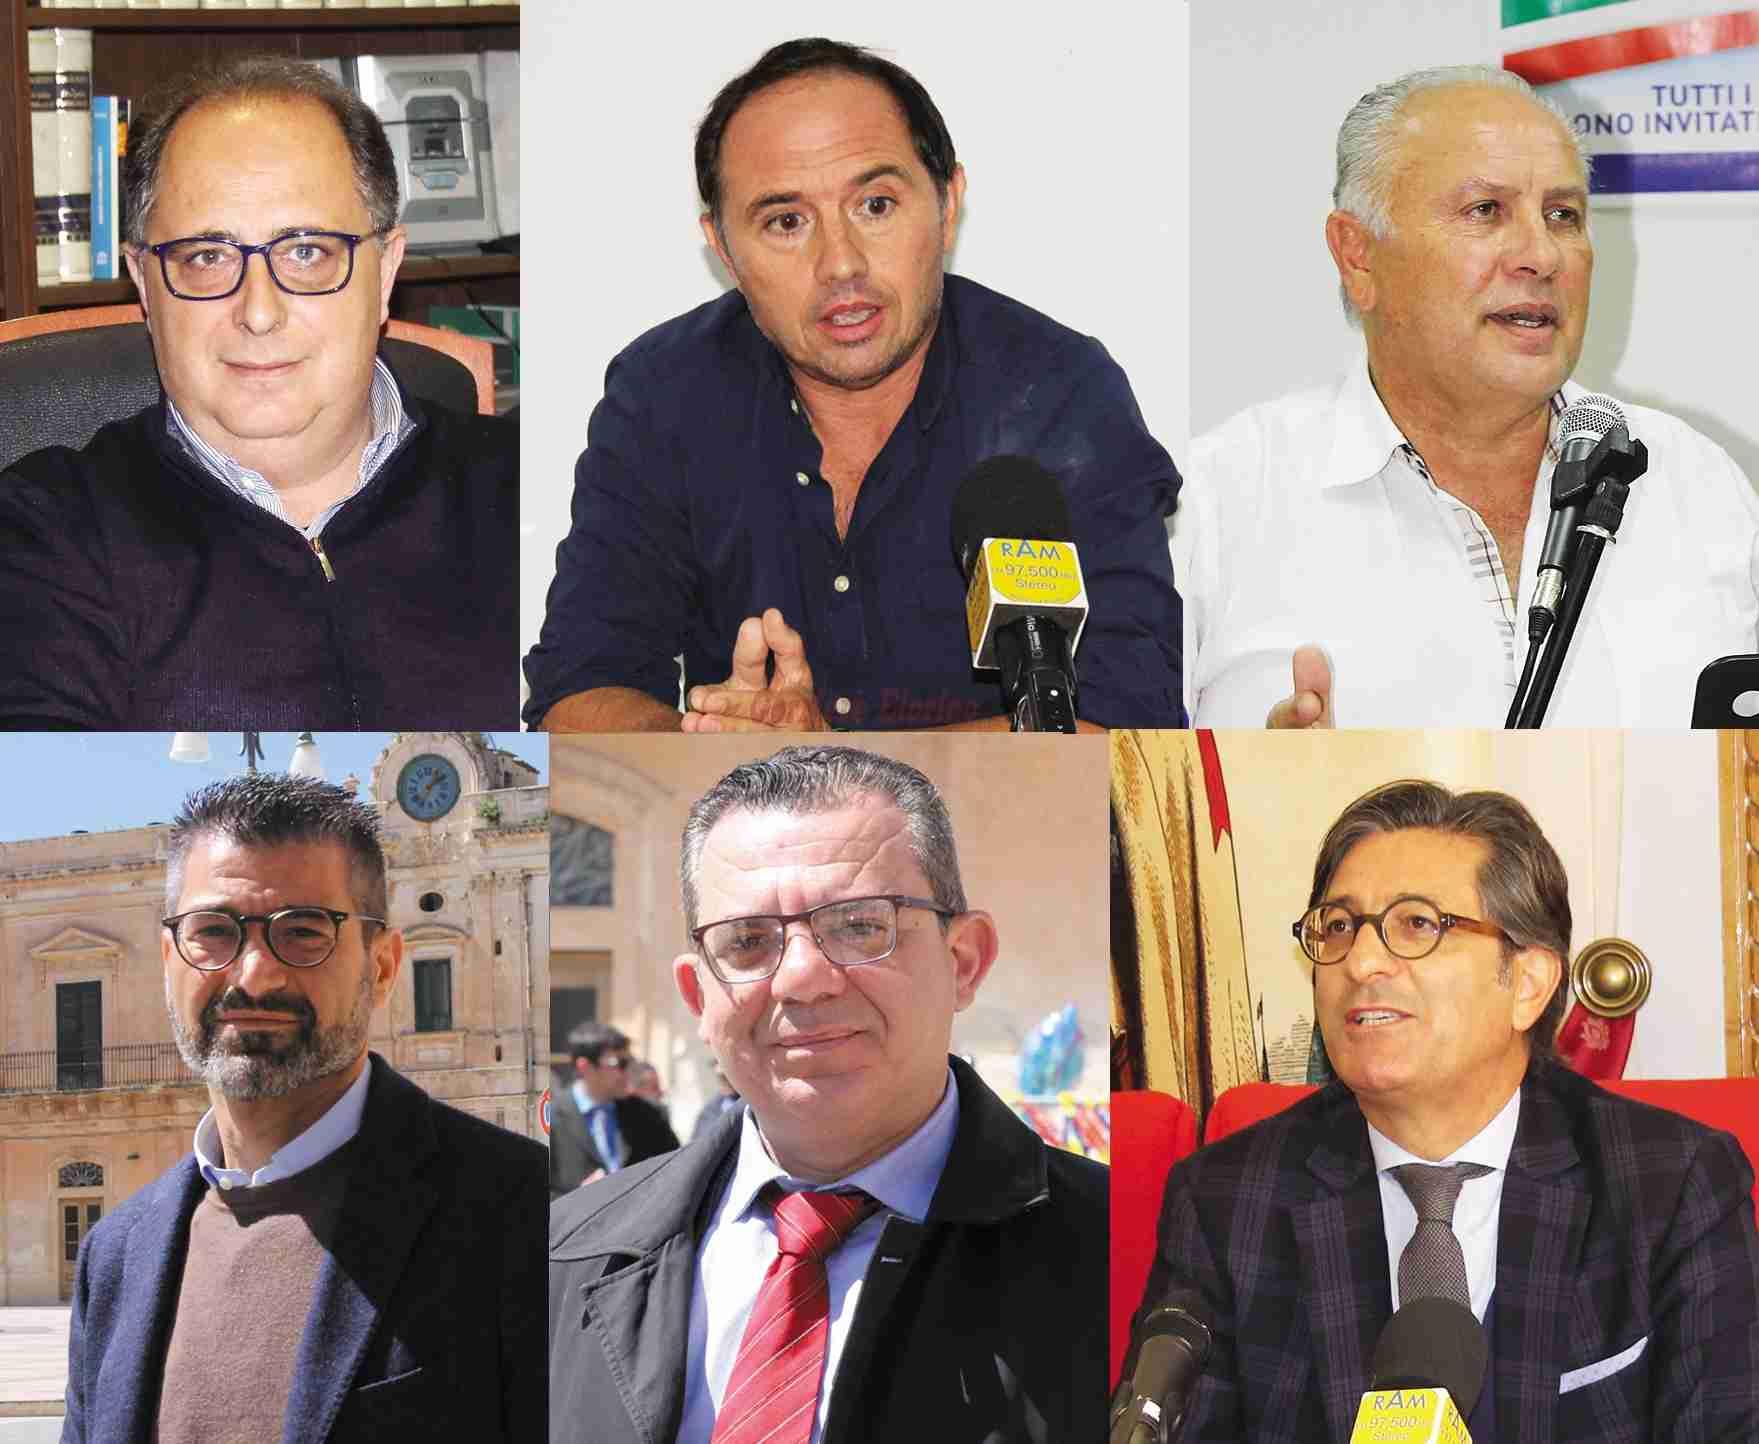 Il 21 maggio confronto con tutti i candidati sindaco organizzato dalla CNA di Rosolini